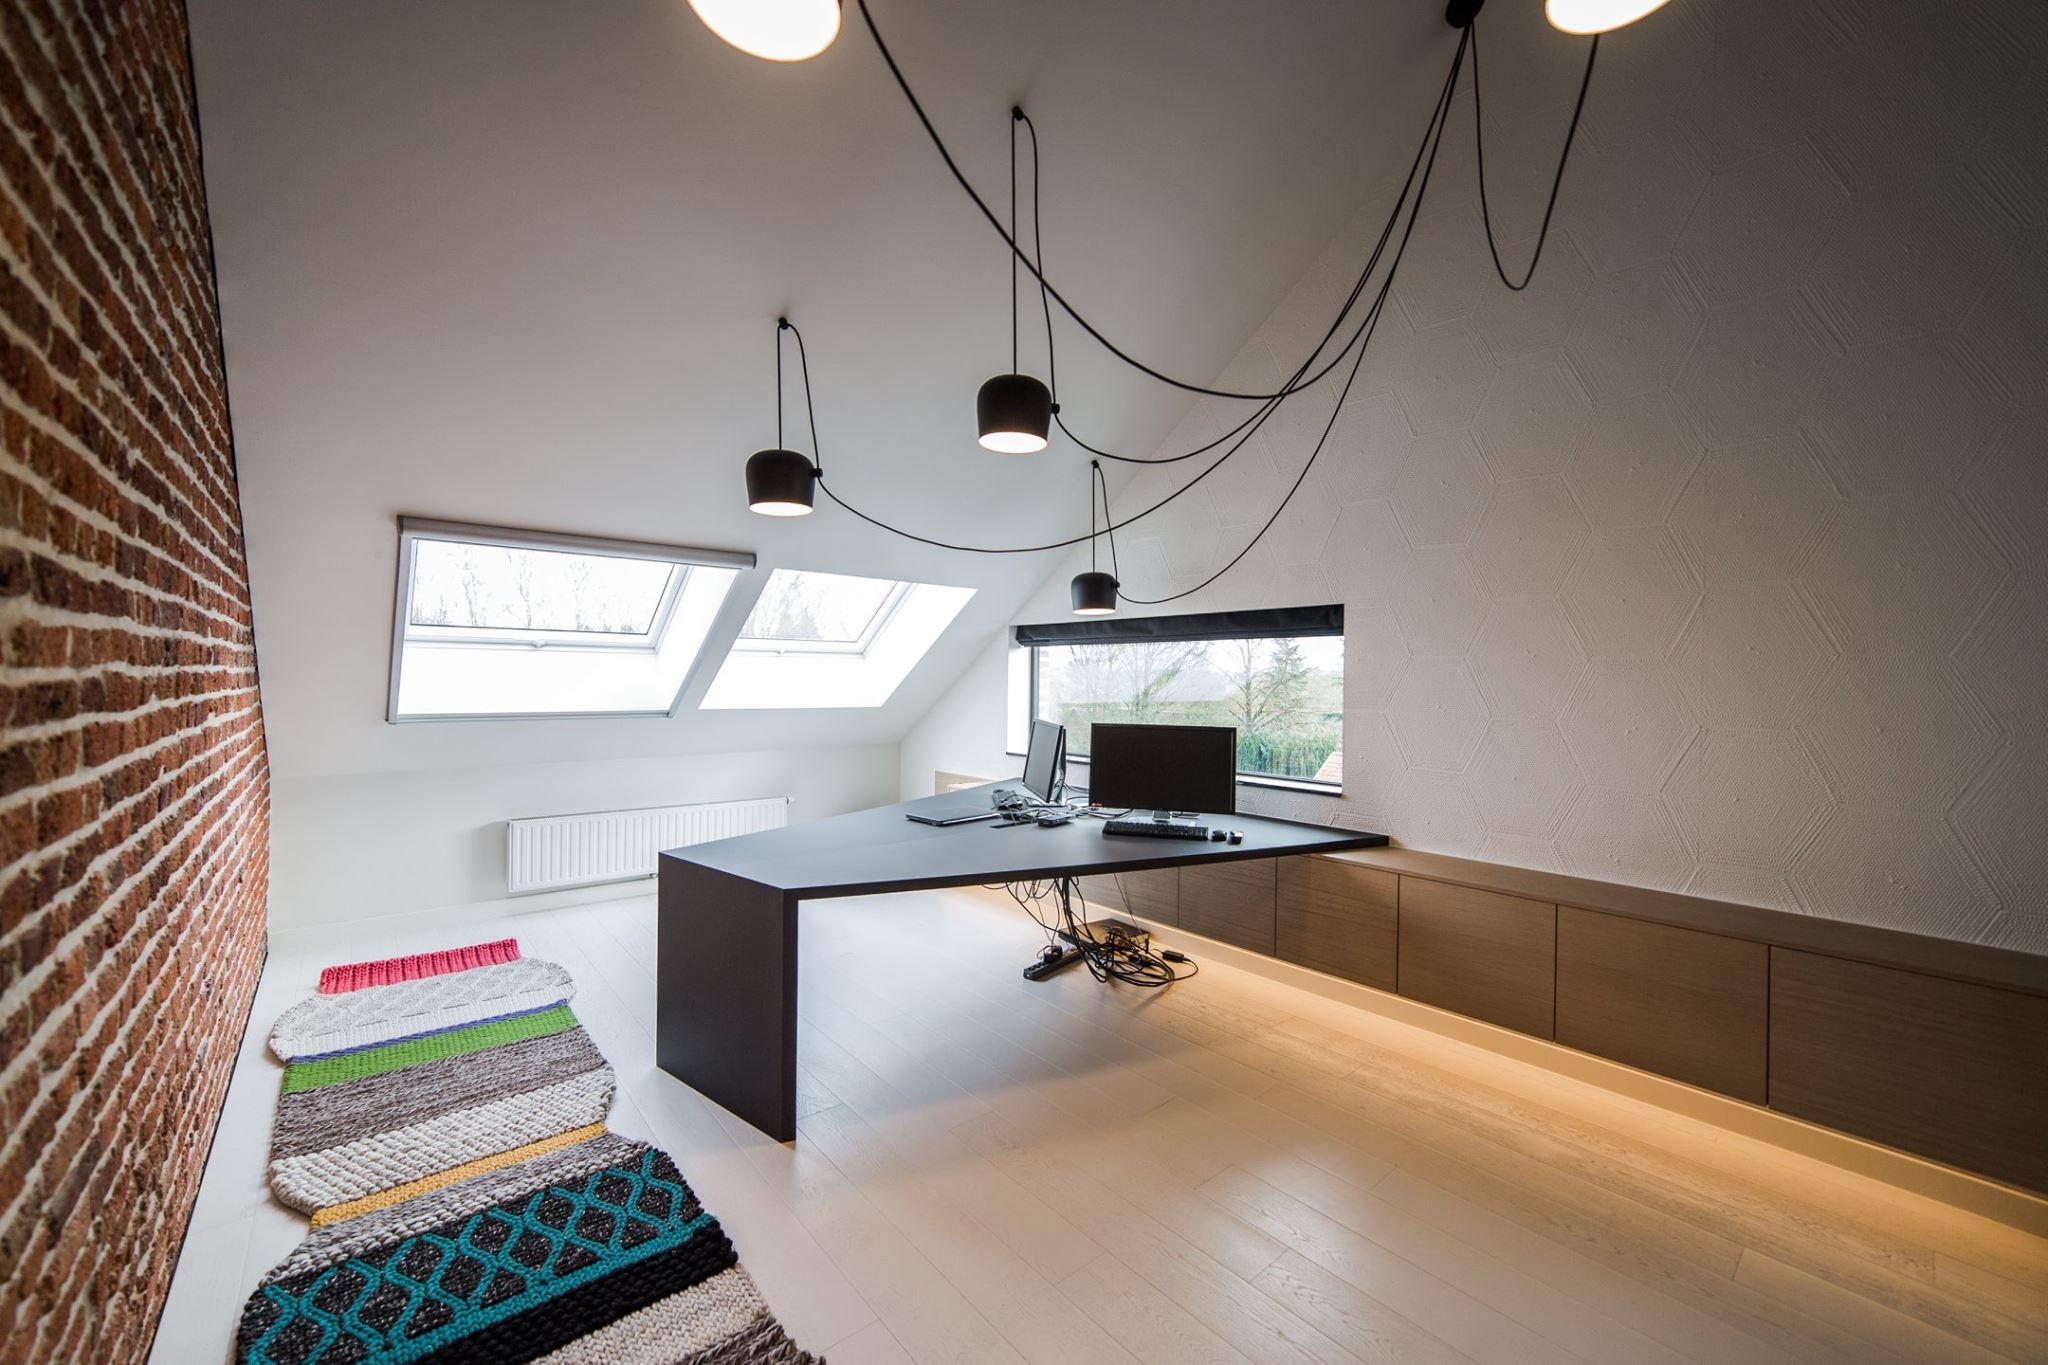 Bureau architecte nivelles imc nivelles willemen groep bureaux à